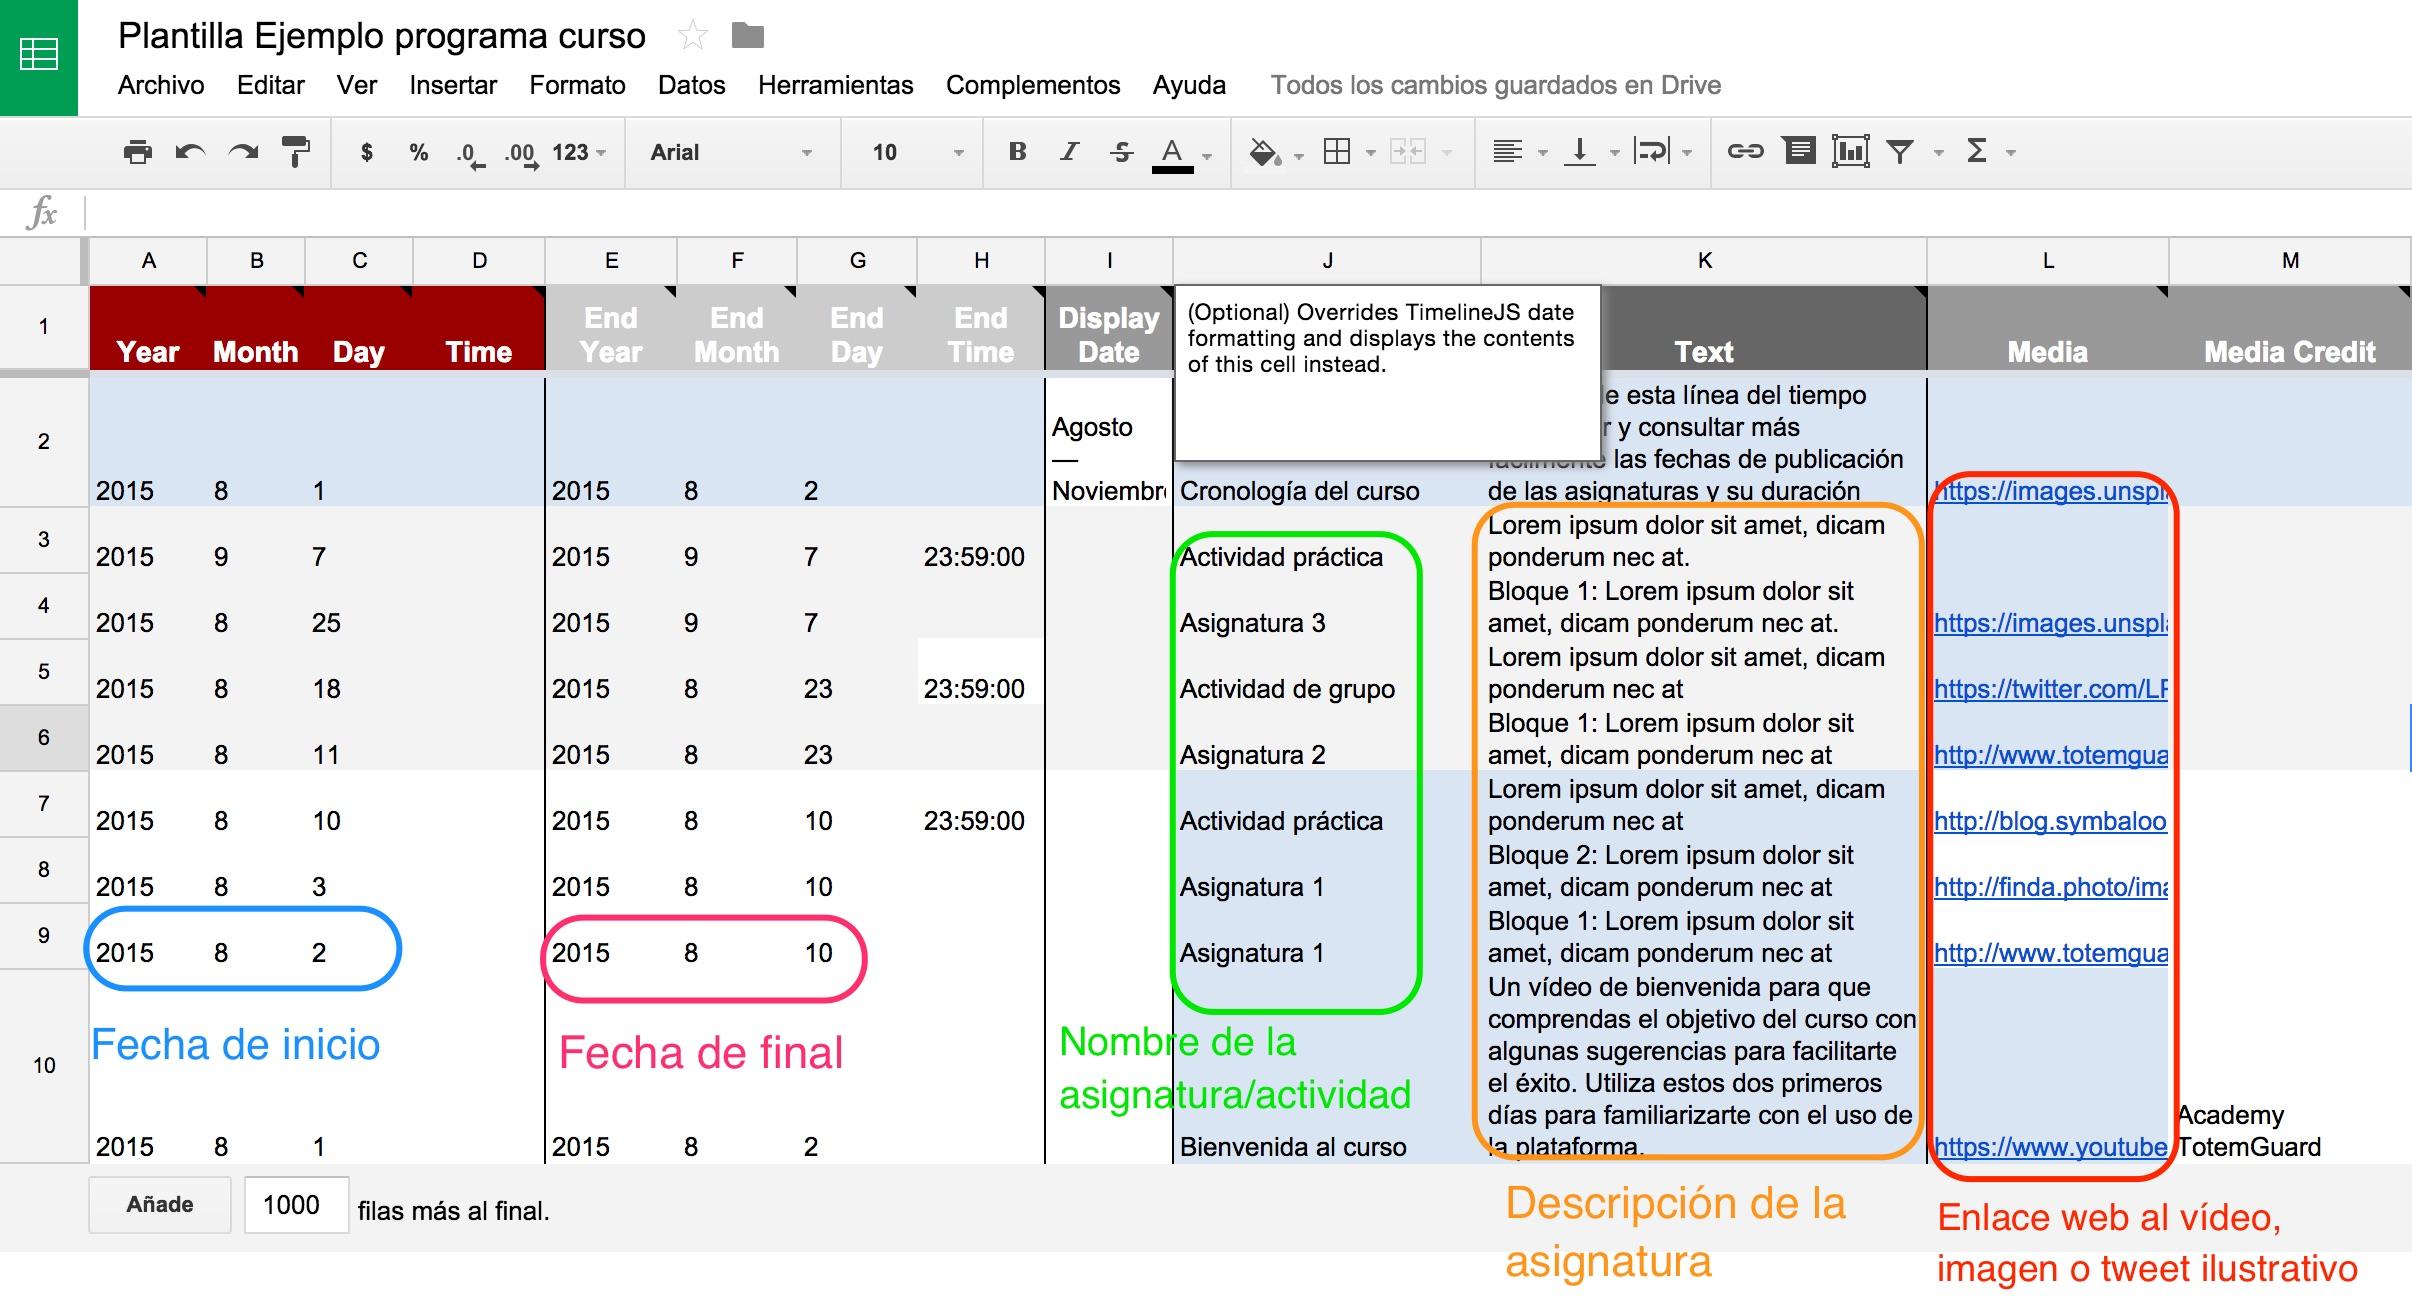 Plantilla_Ejemplo_programa_curso_-_Hojas_de_cálculo_de_Google ...